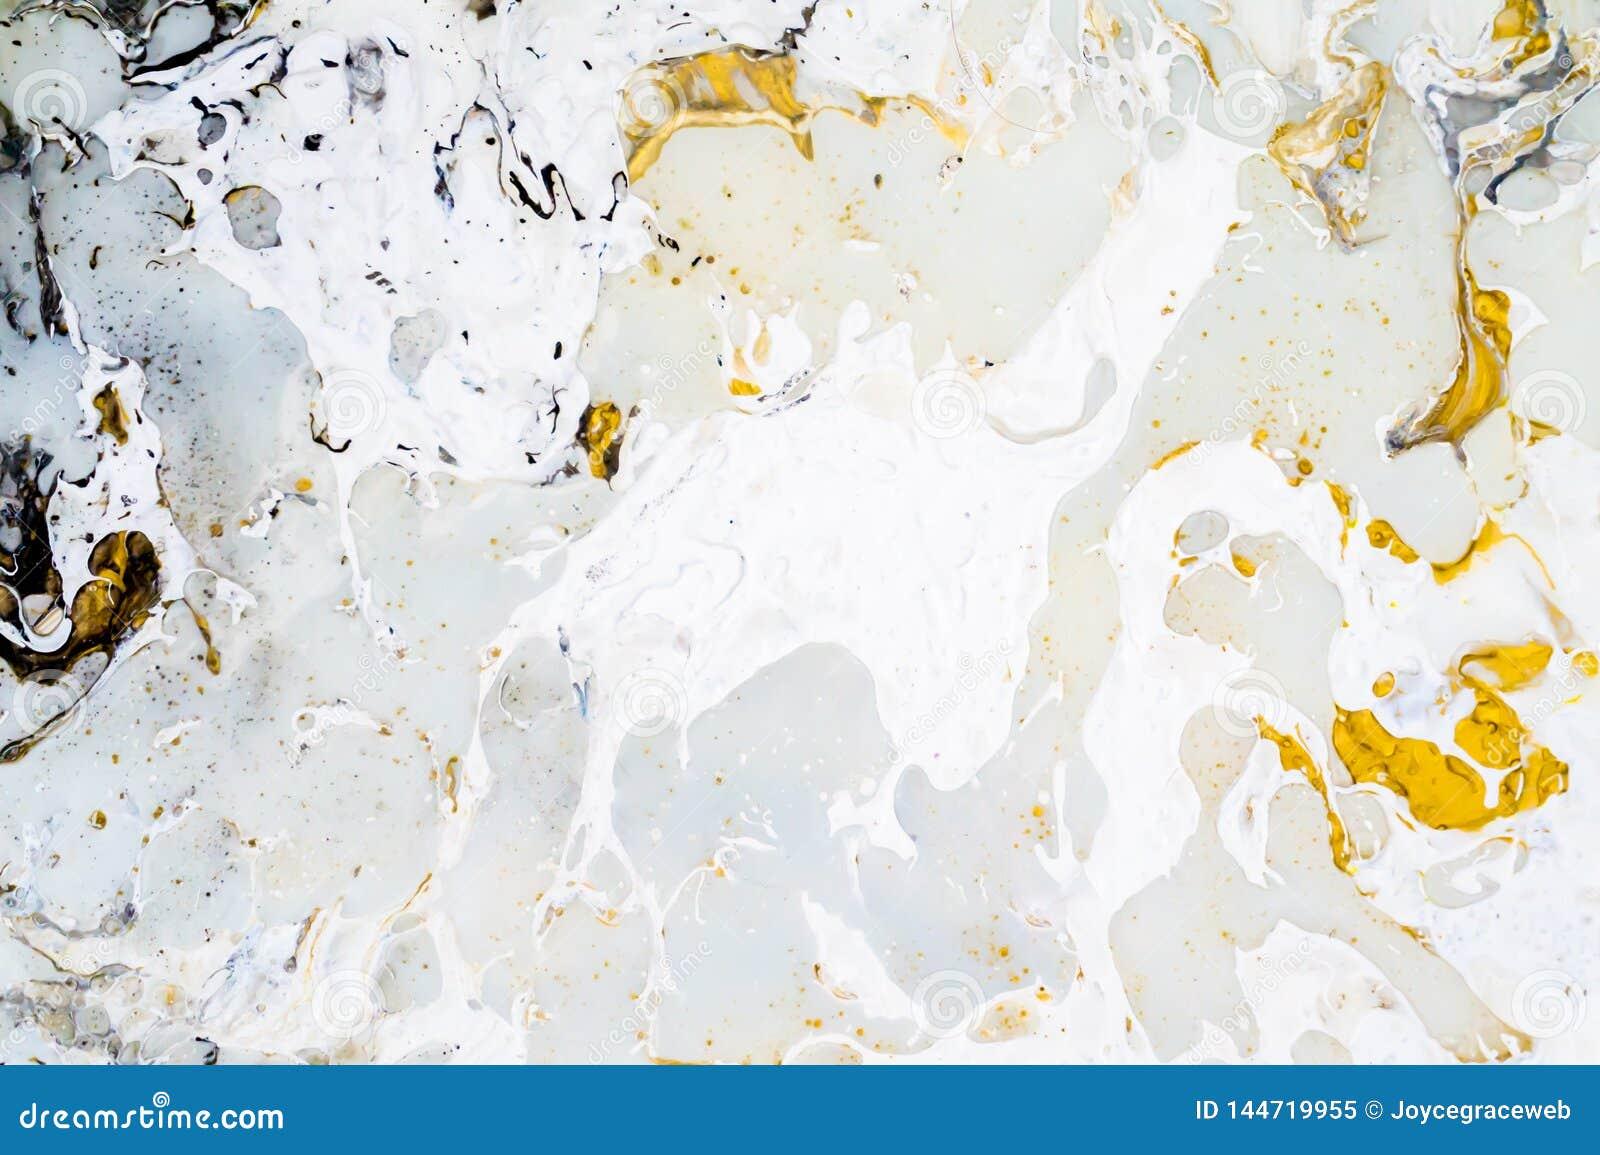 Ljust marmorera bakgrundstextur med guld-, svarta, gråa och vita färger, genom att använda akryl som häller medelkonstteknik